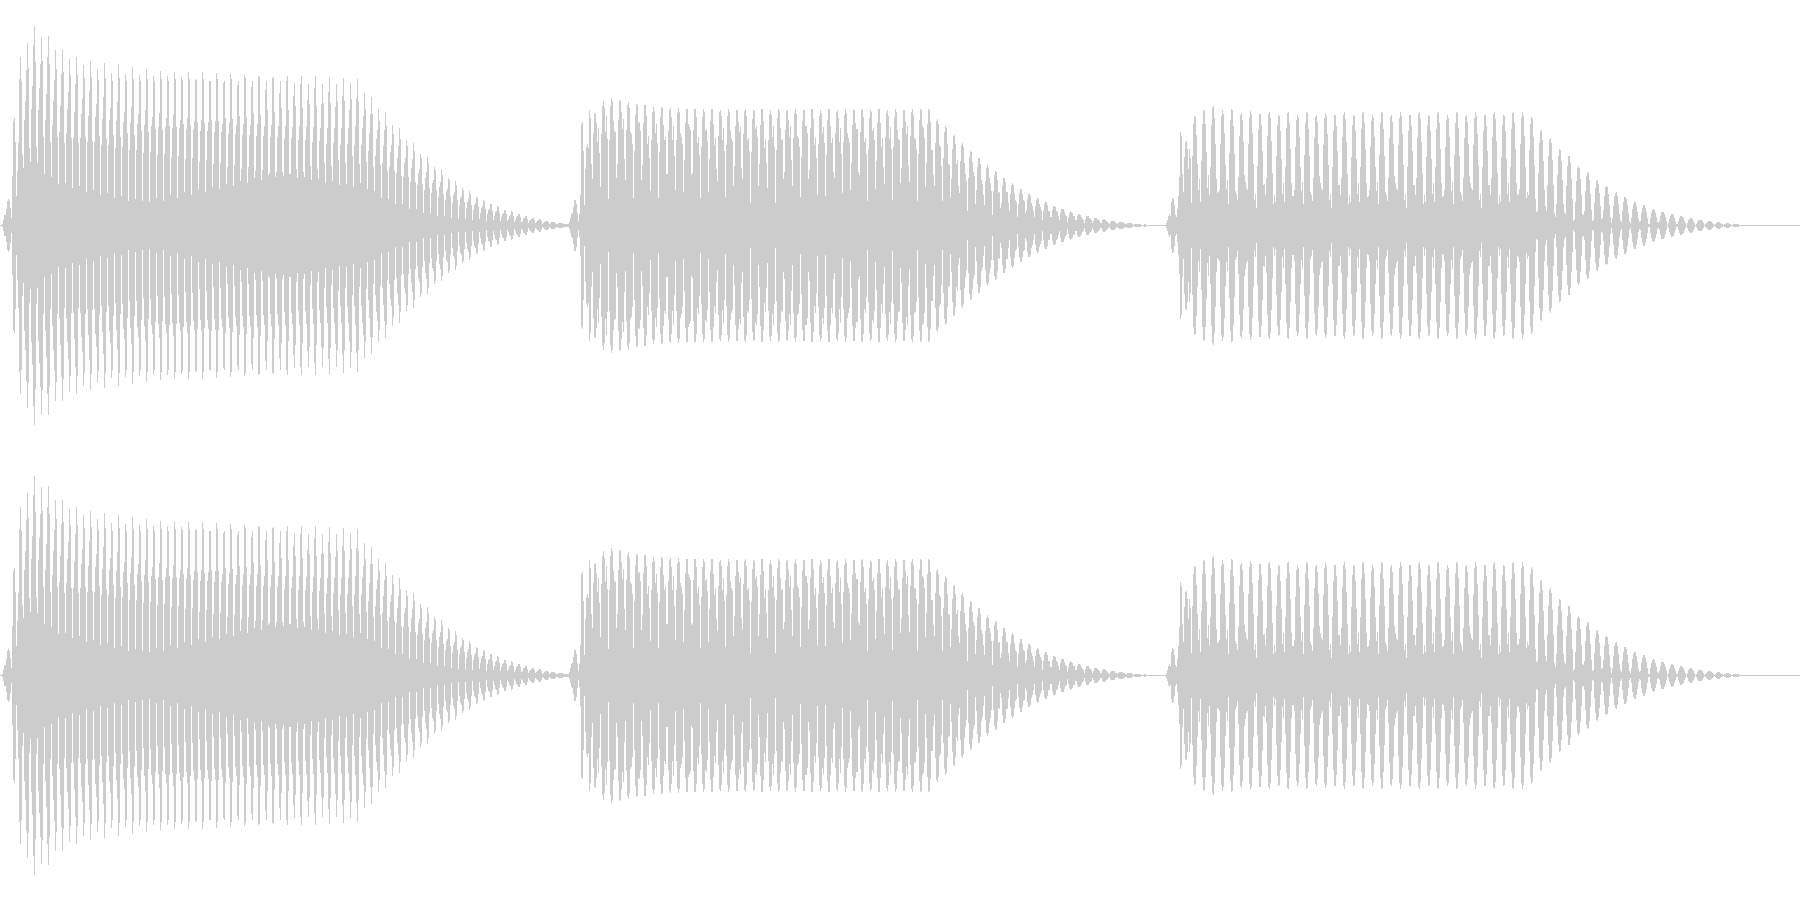 往年のRPG風 コマンド音 シリーズ 8の未再生の波形